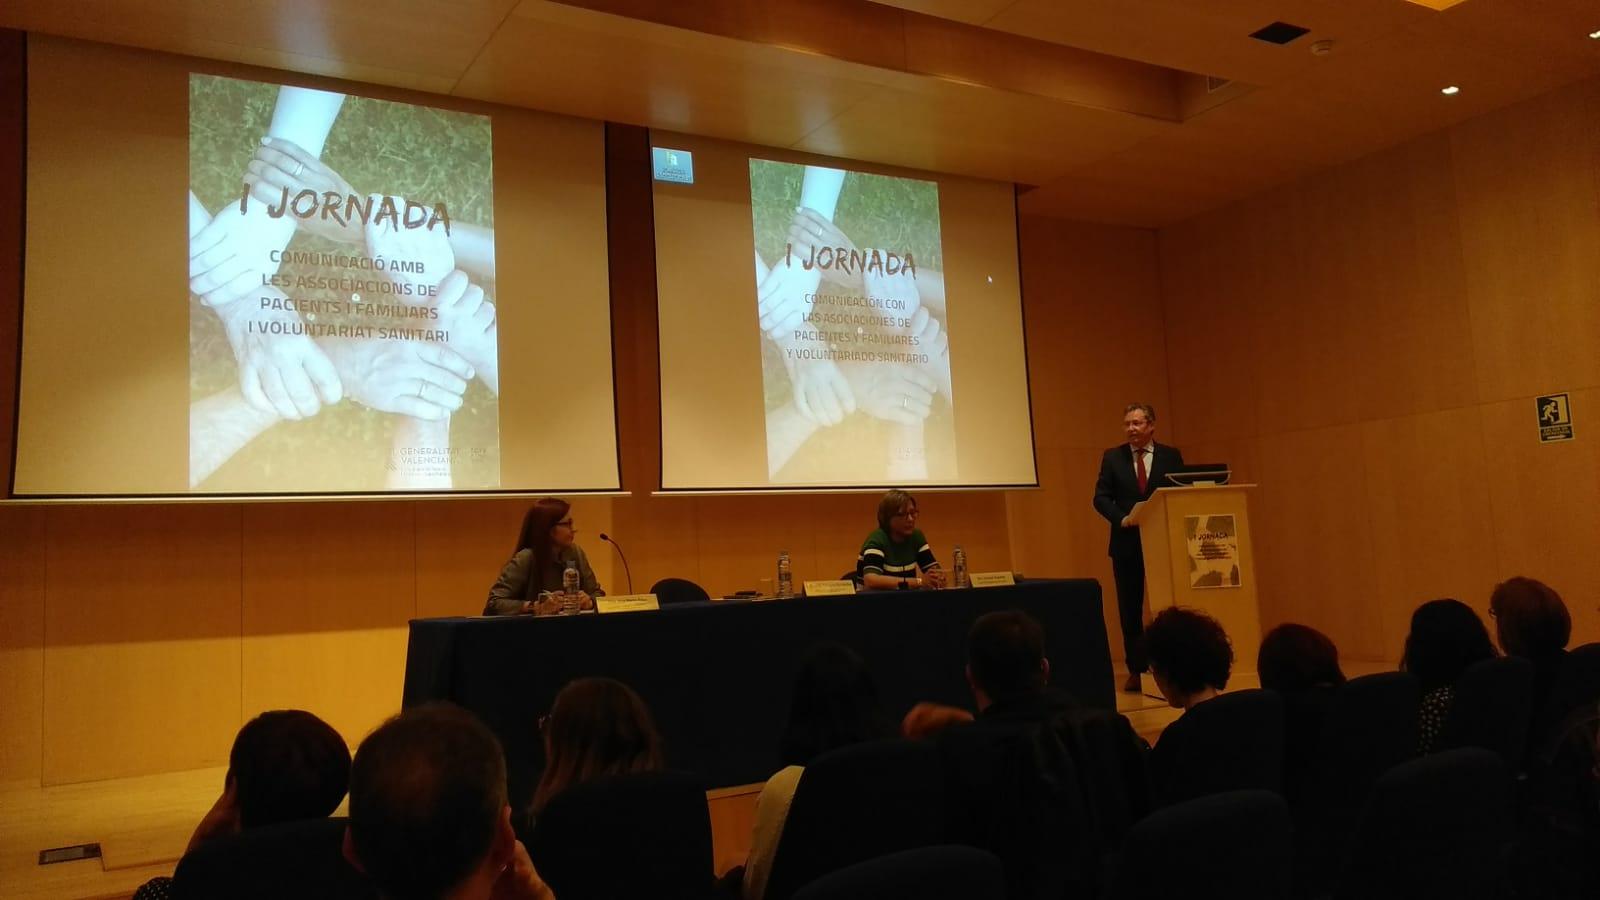 I Jornada. Comunicación con las asociaciones de pacientes y familiares y voluntariado sanitario